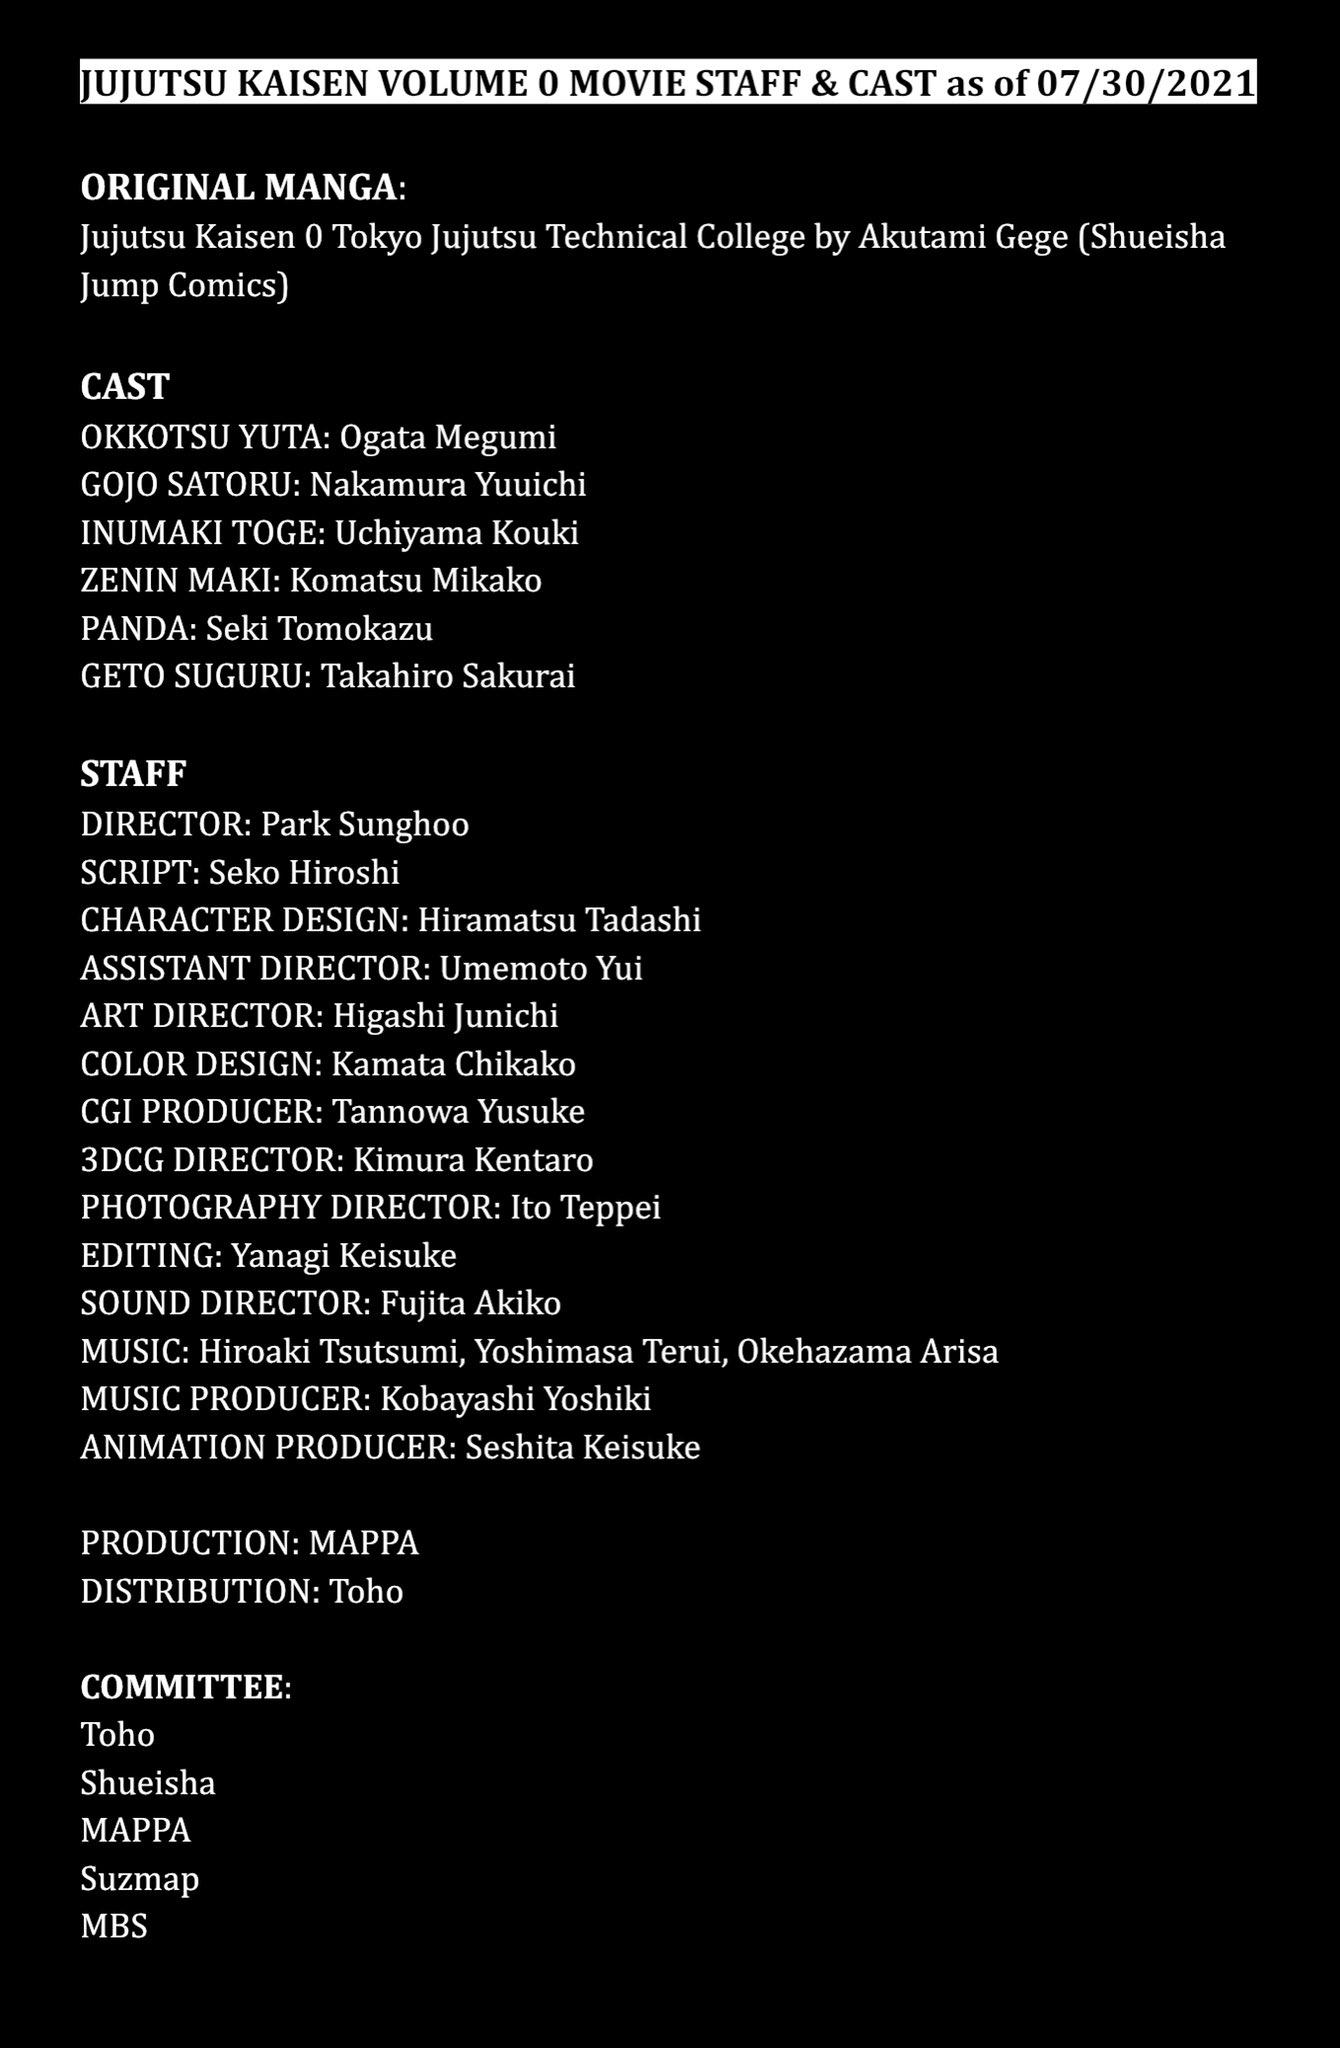 Cast de Jujutsu Kaisen 0 - legadoplus